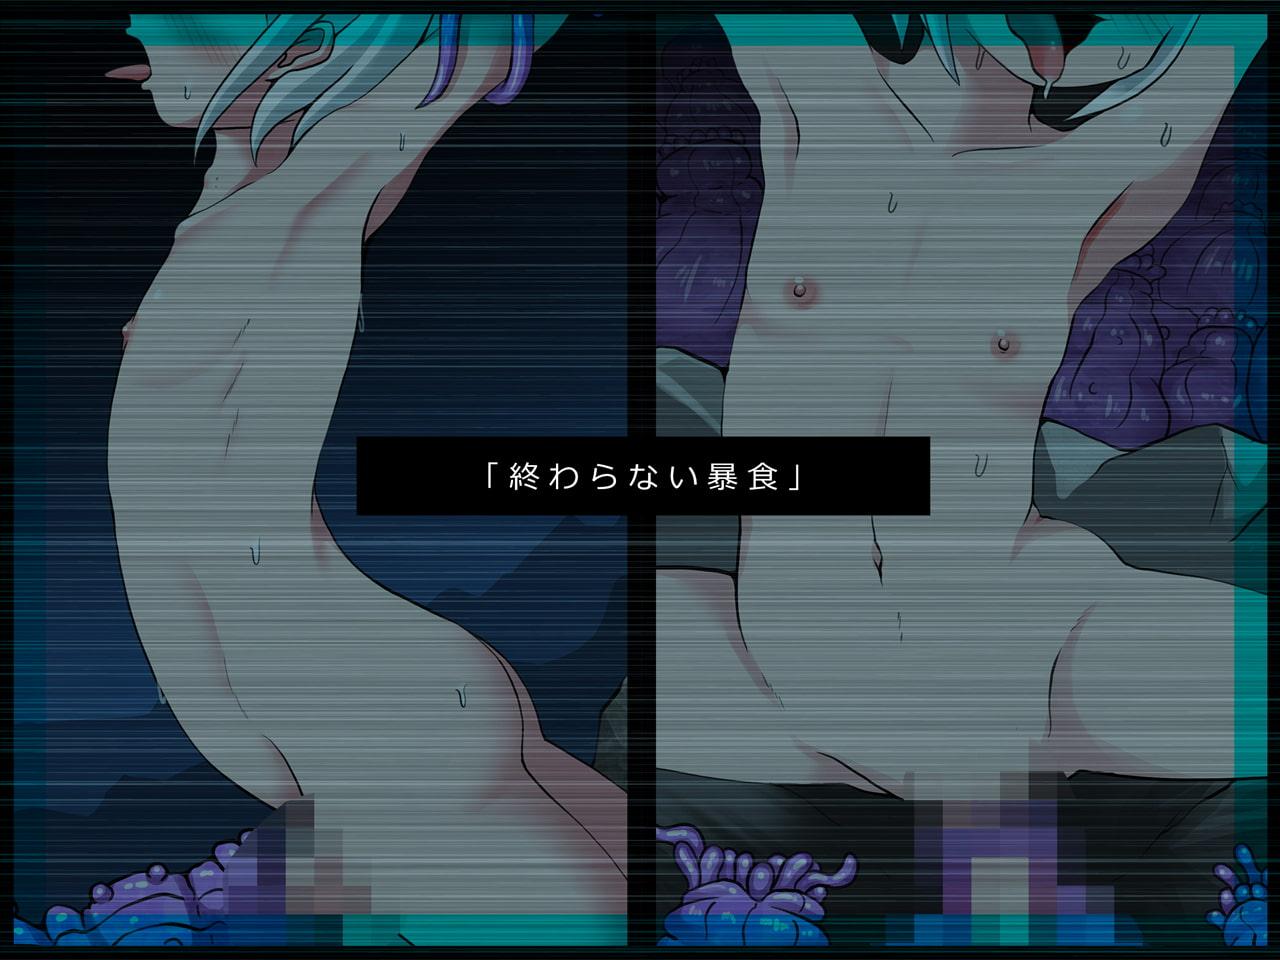 搾精生物実験レポート【単話】